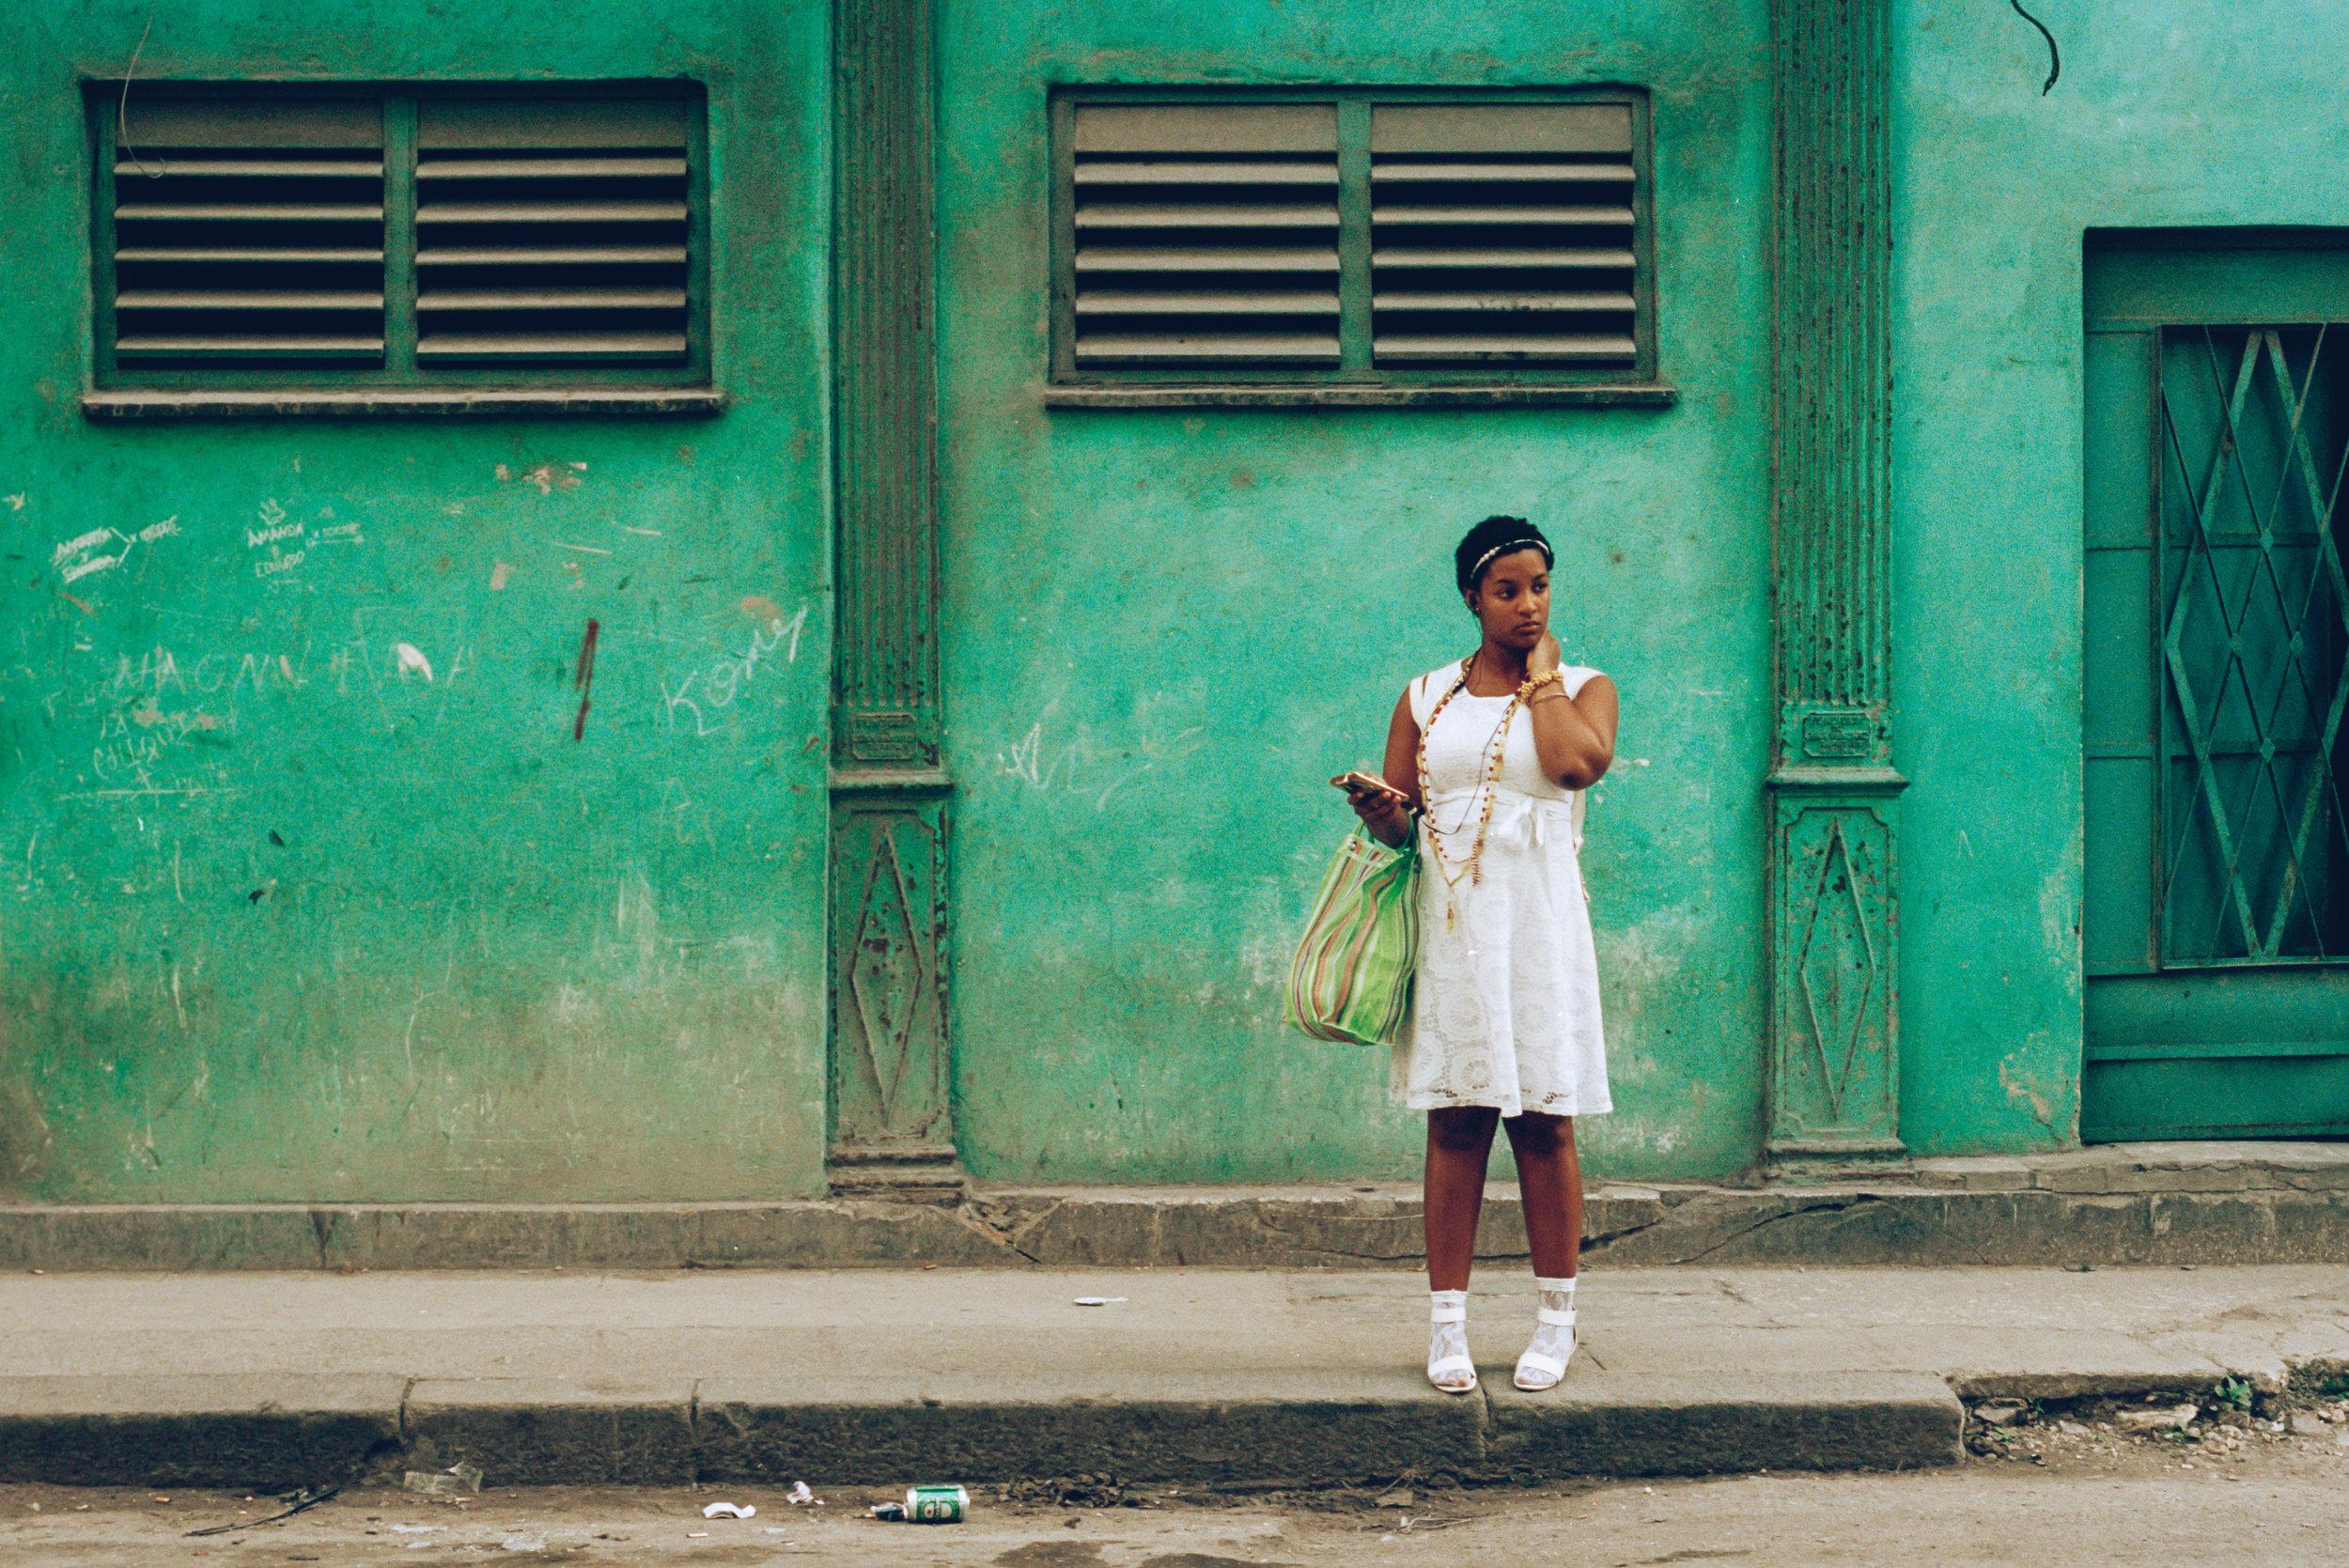 @ Imogen Forte. Cuba. (LPA Futures Winner 2017/2019)